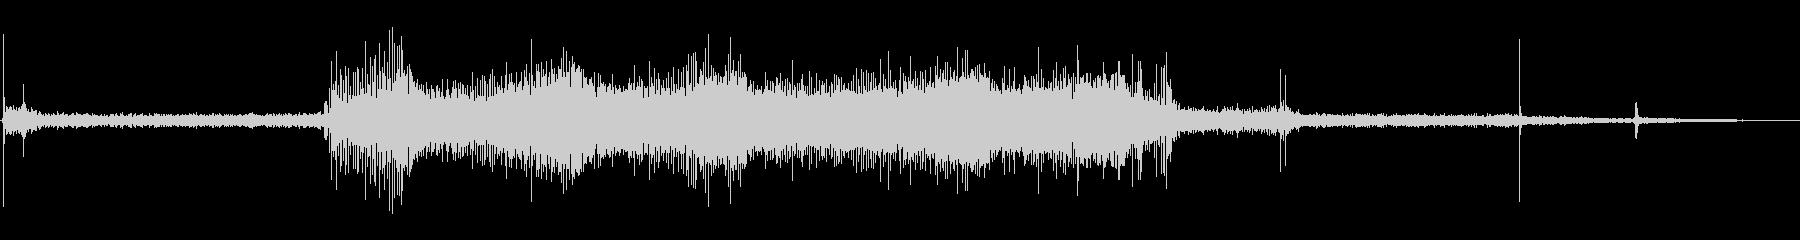 ウッドドリルプレス:ボアワンホール...の未再生の波形